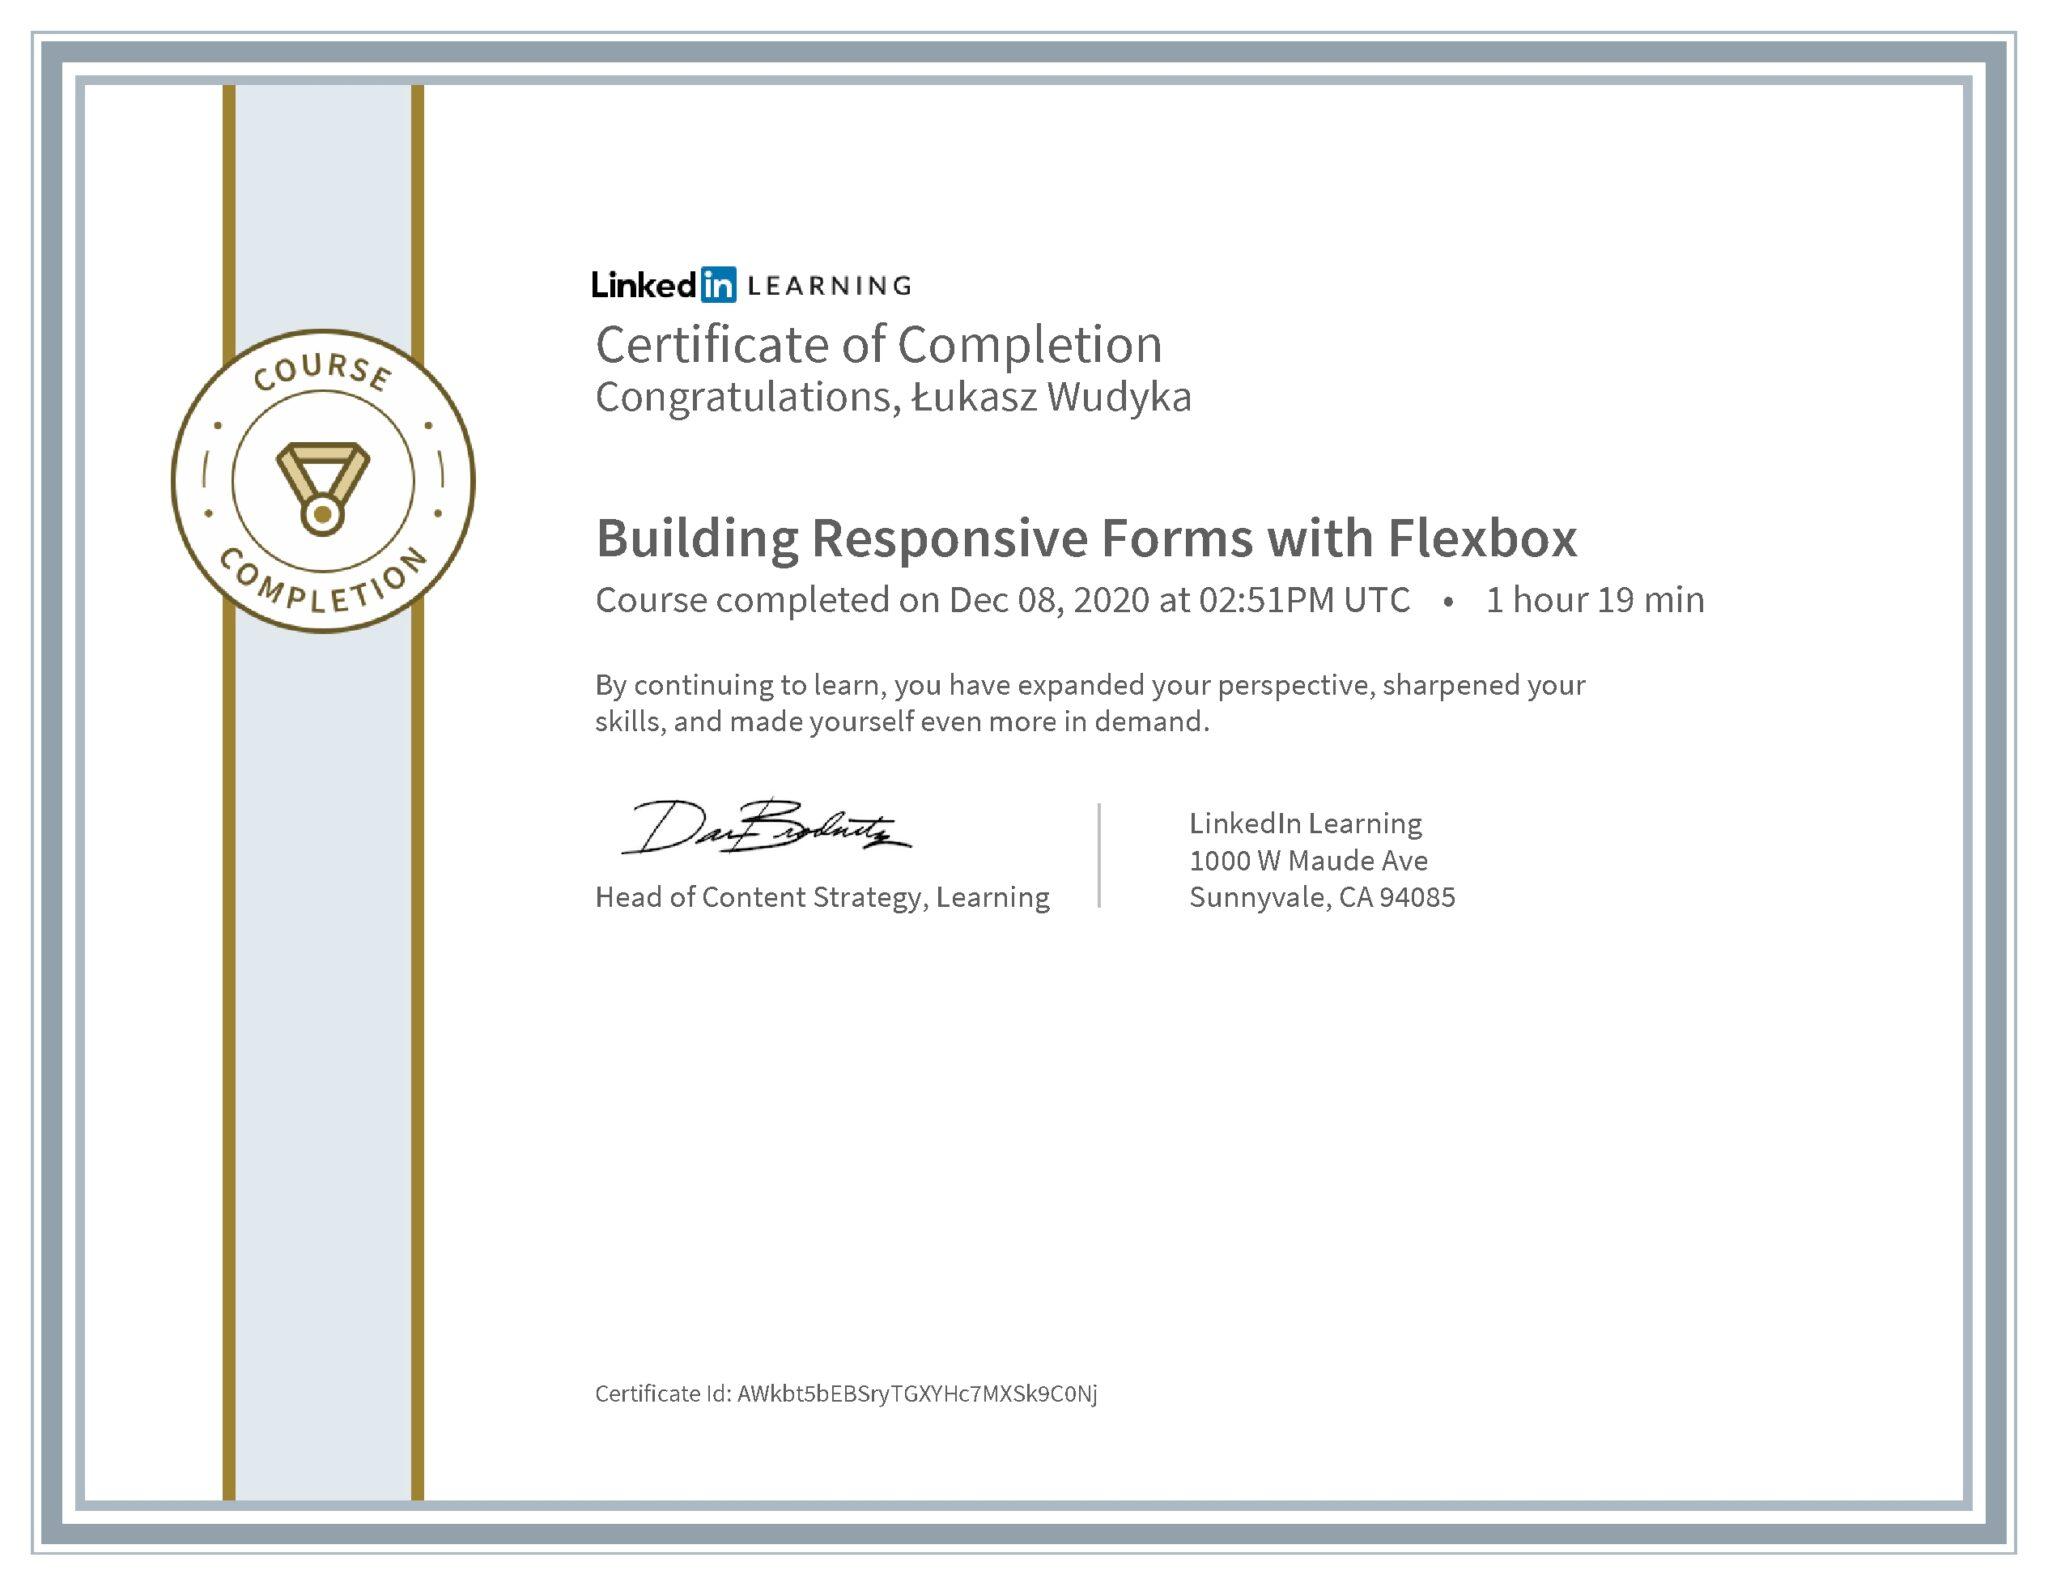 Łukasz Wudyka certyfikat LinkedIn Building Responsive Forms with Flexbox